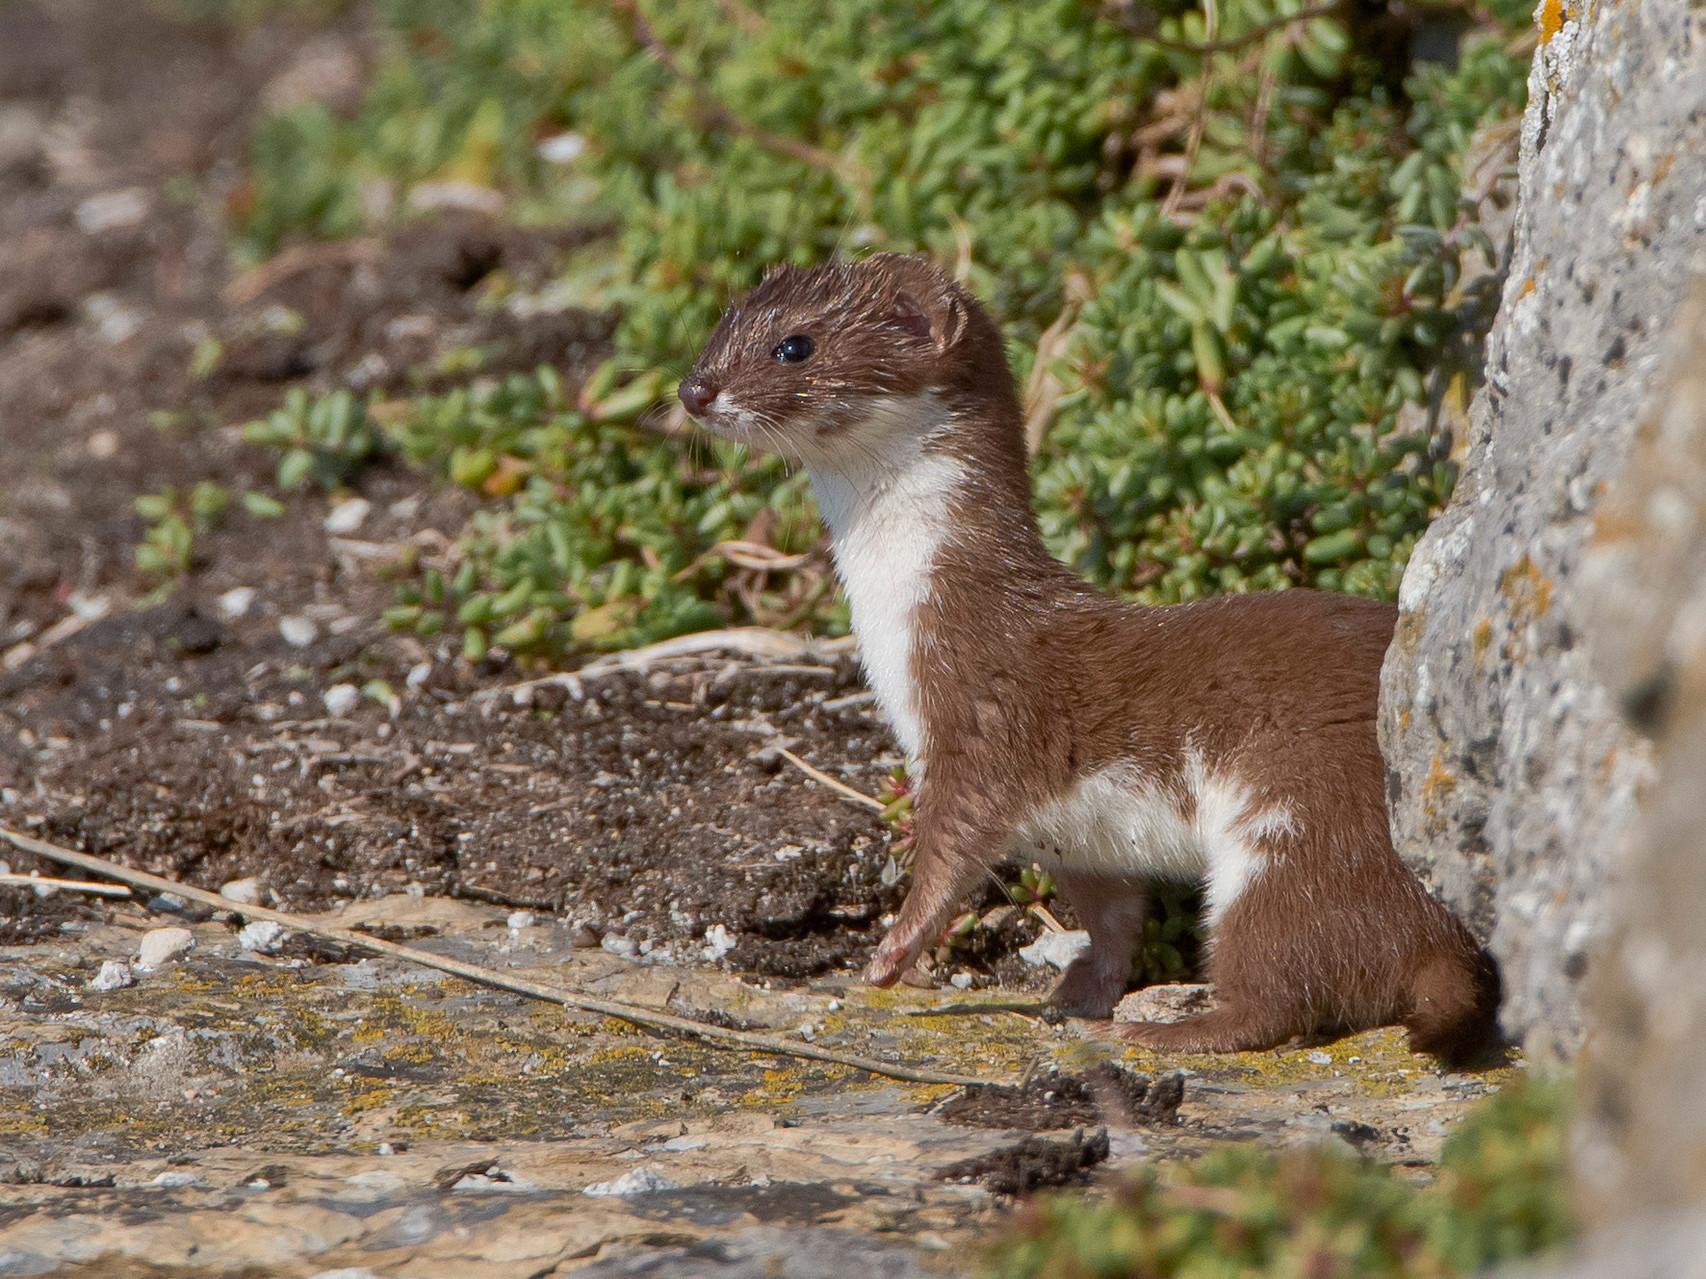 Es ist um einiges kleiner als sein Verwandter, das Hermelin.